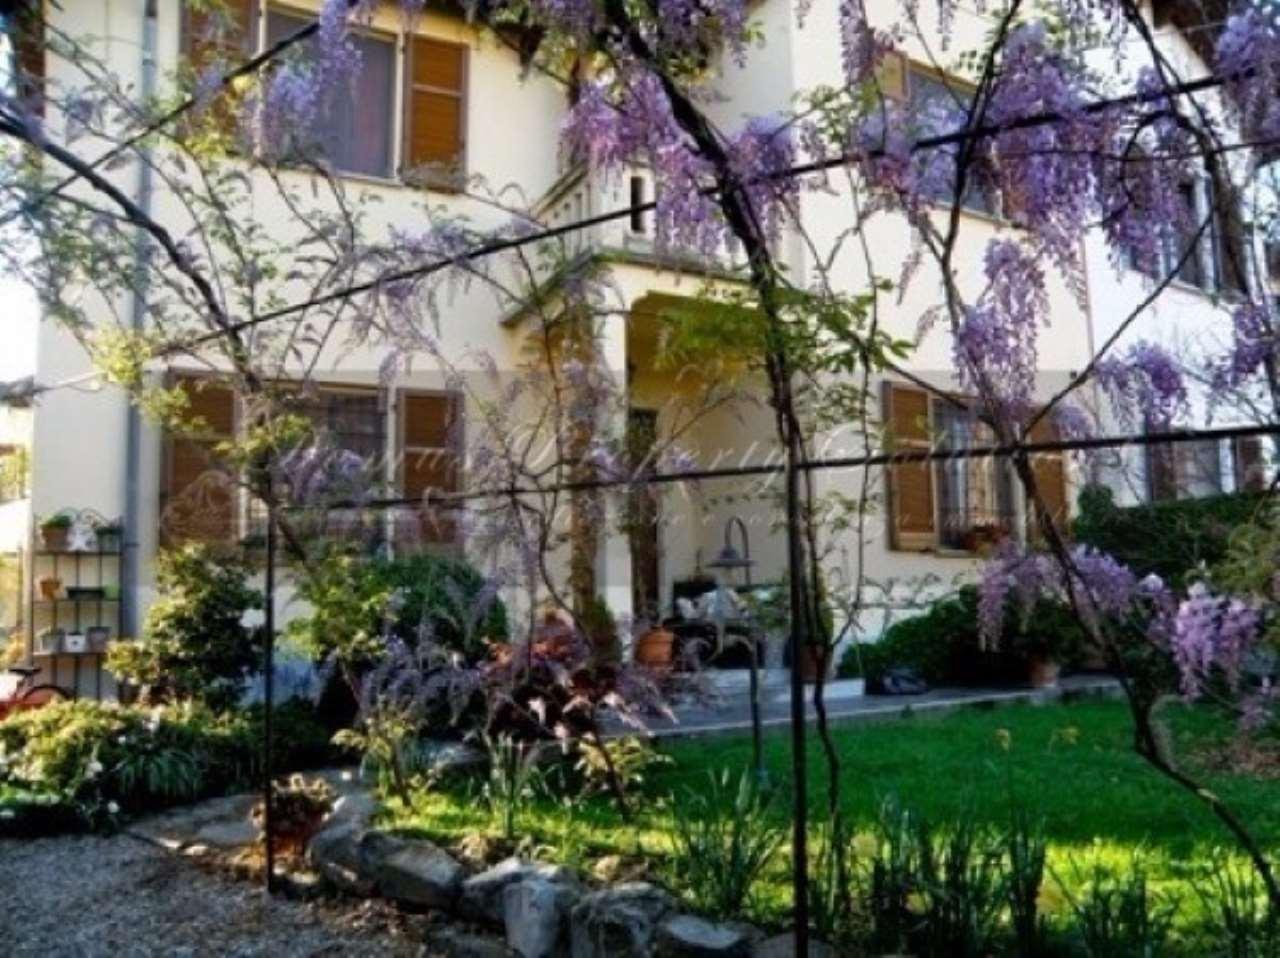 Villa in vendita a Garlasco, 5 locali, prezzo € 270.000 | CambioCasa.it